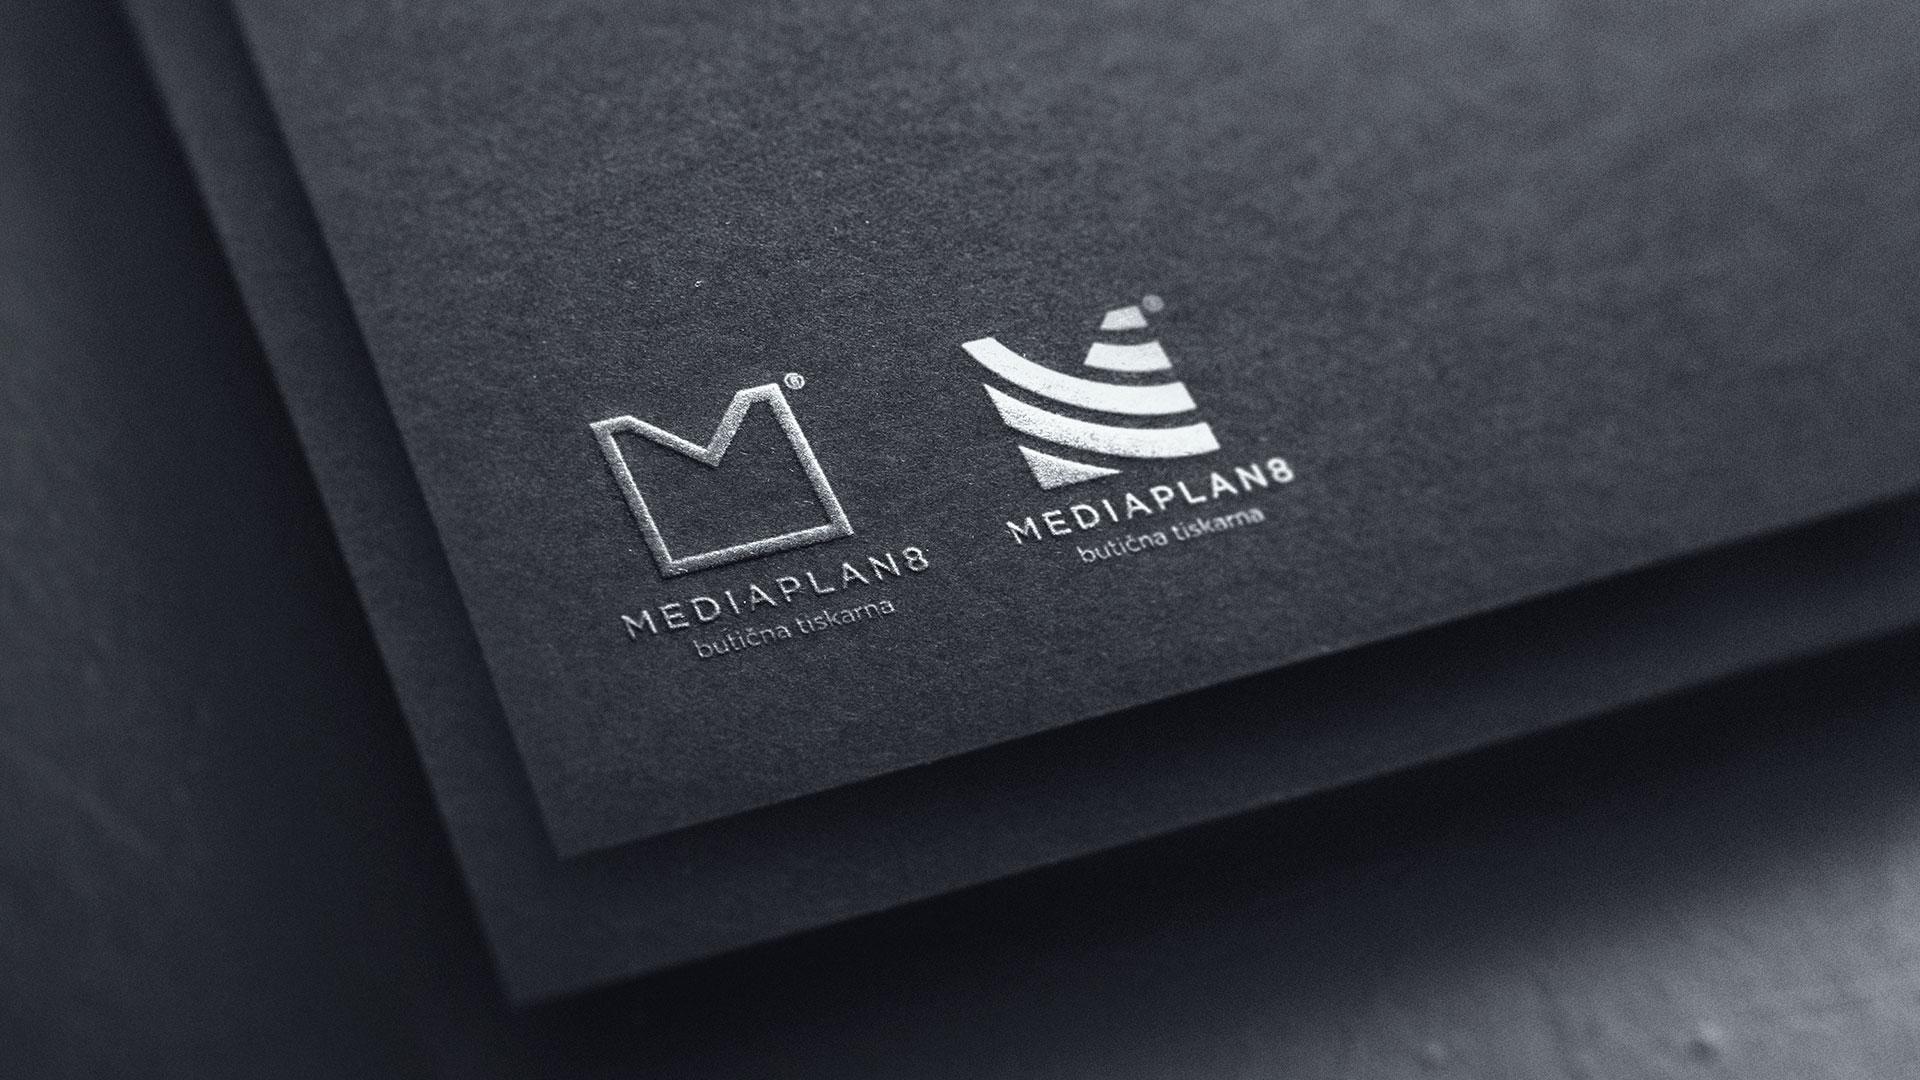 Mediaplan 8